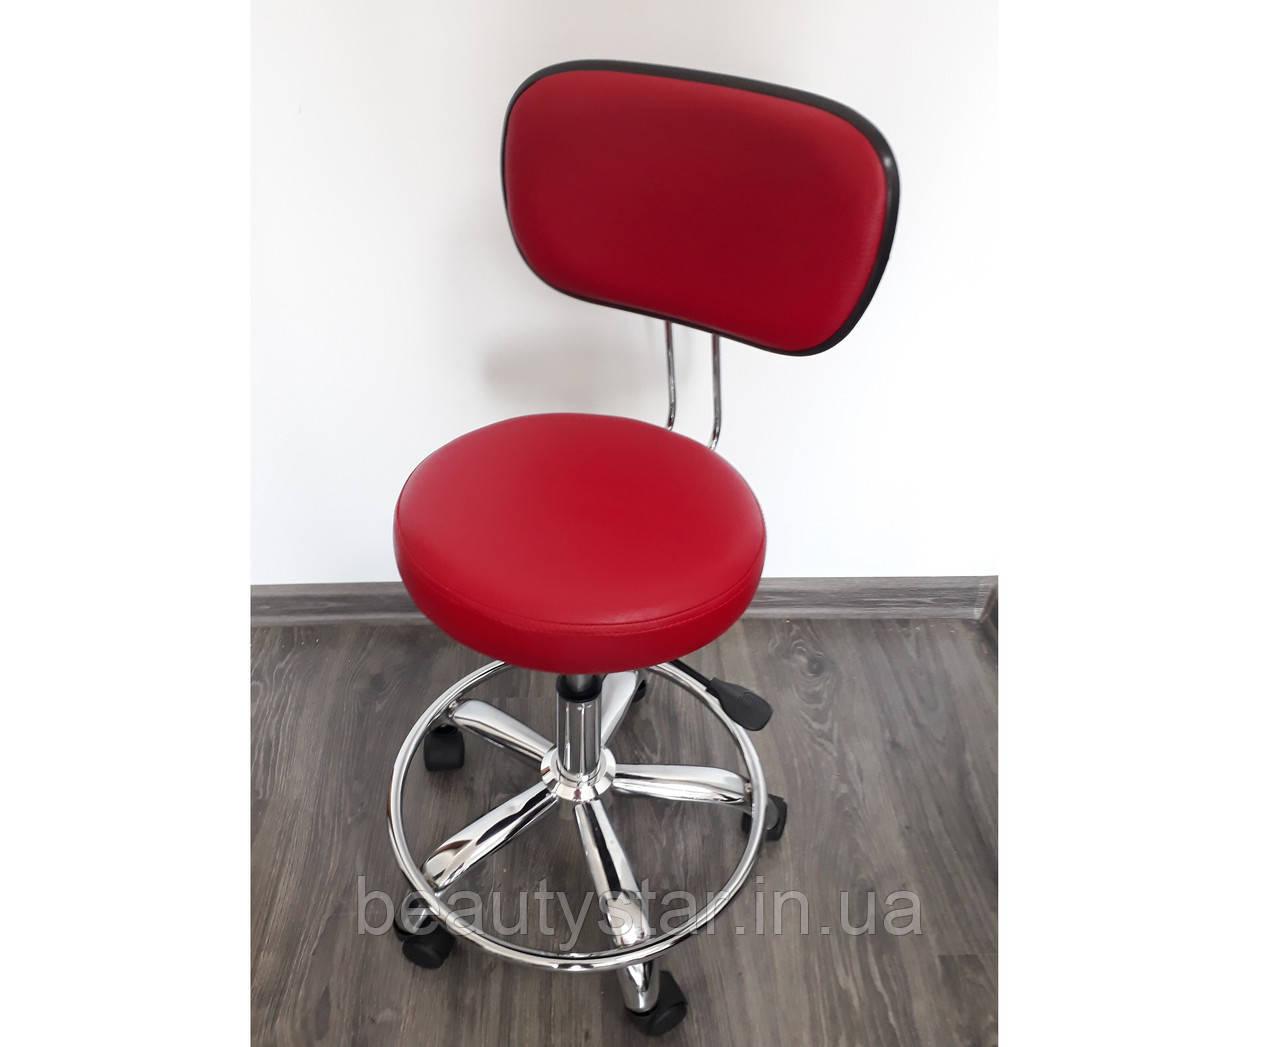 Табурет для мастера передвижной стульчик со спинкой стулья мастера для косметолога для маникюра для педикюра